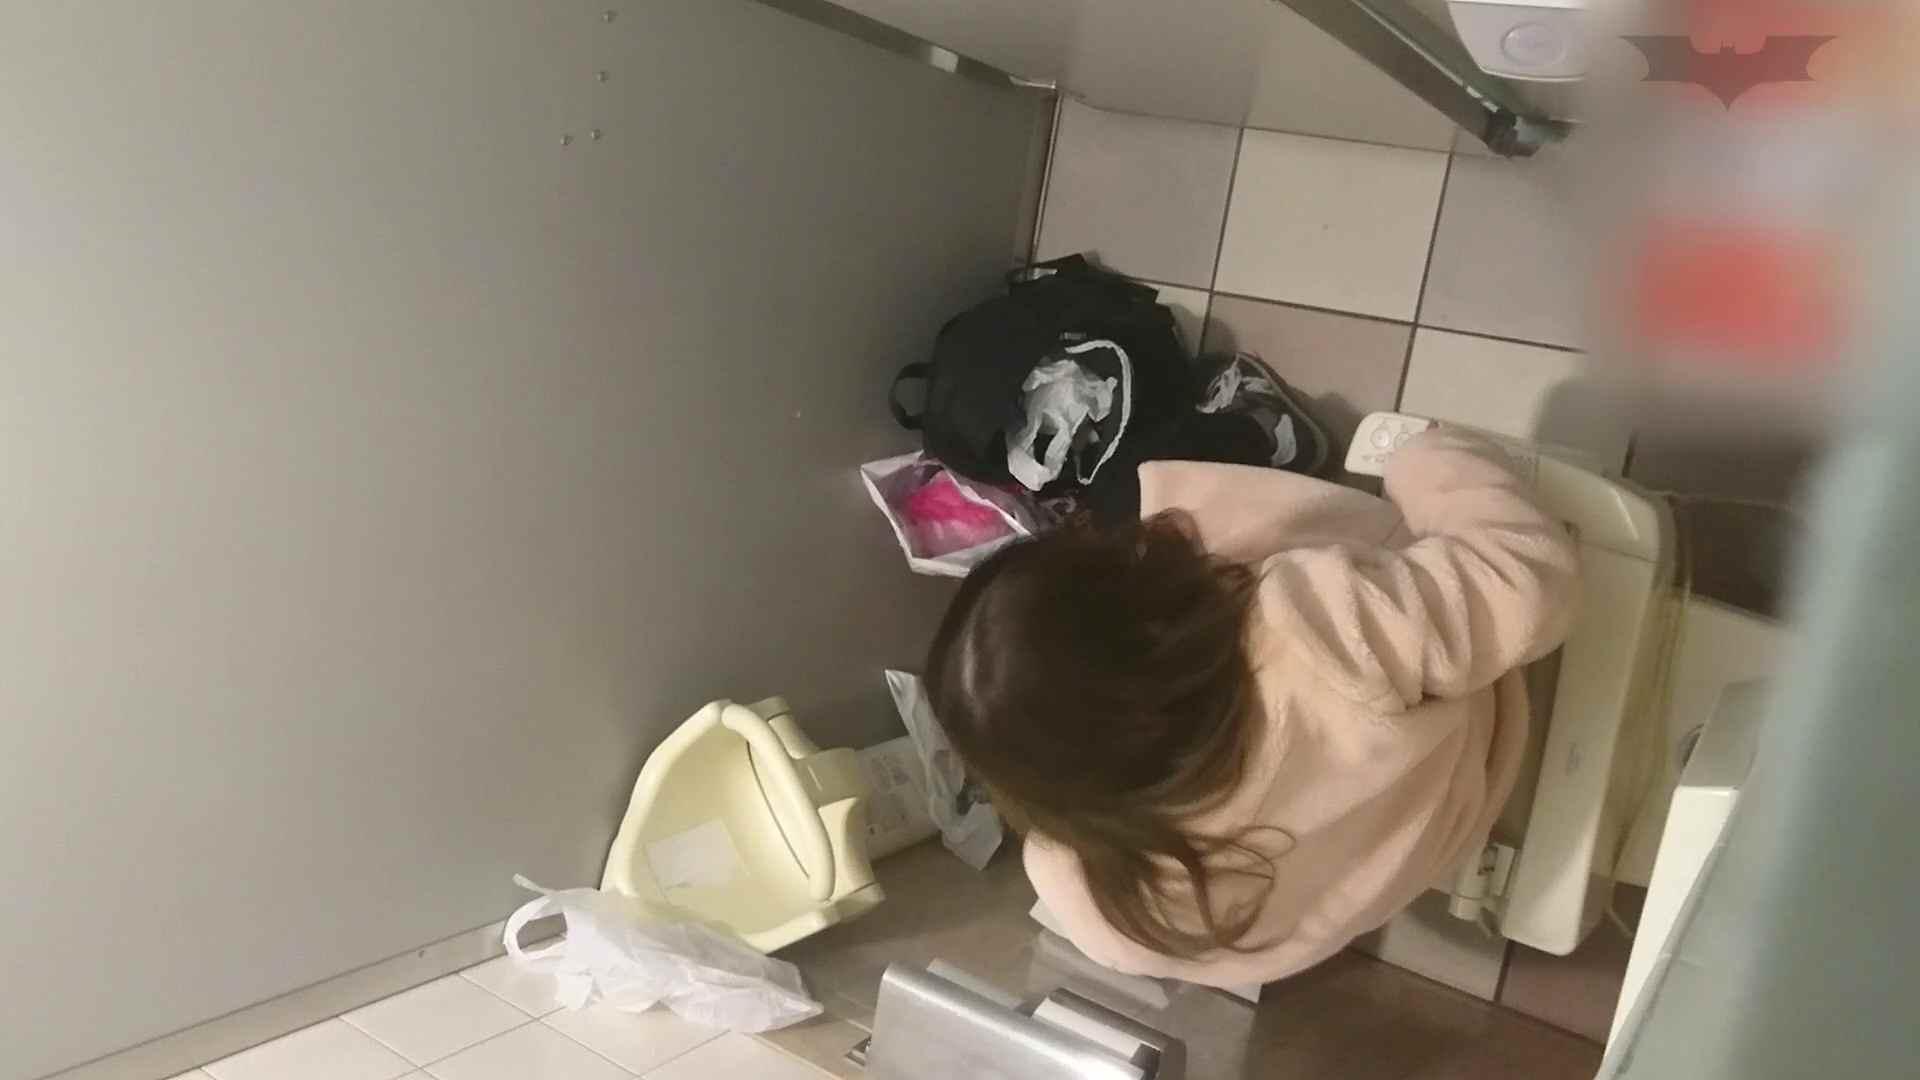 無修正ヌード|化粧室絵巻 ショッピングモール編 VOL.10|怪盗ジョーカー